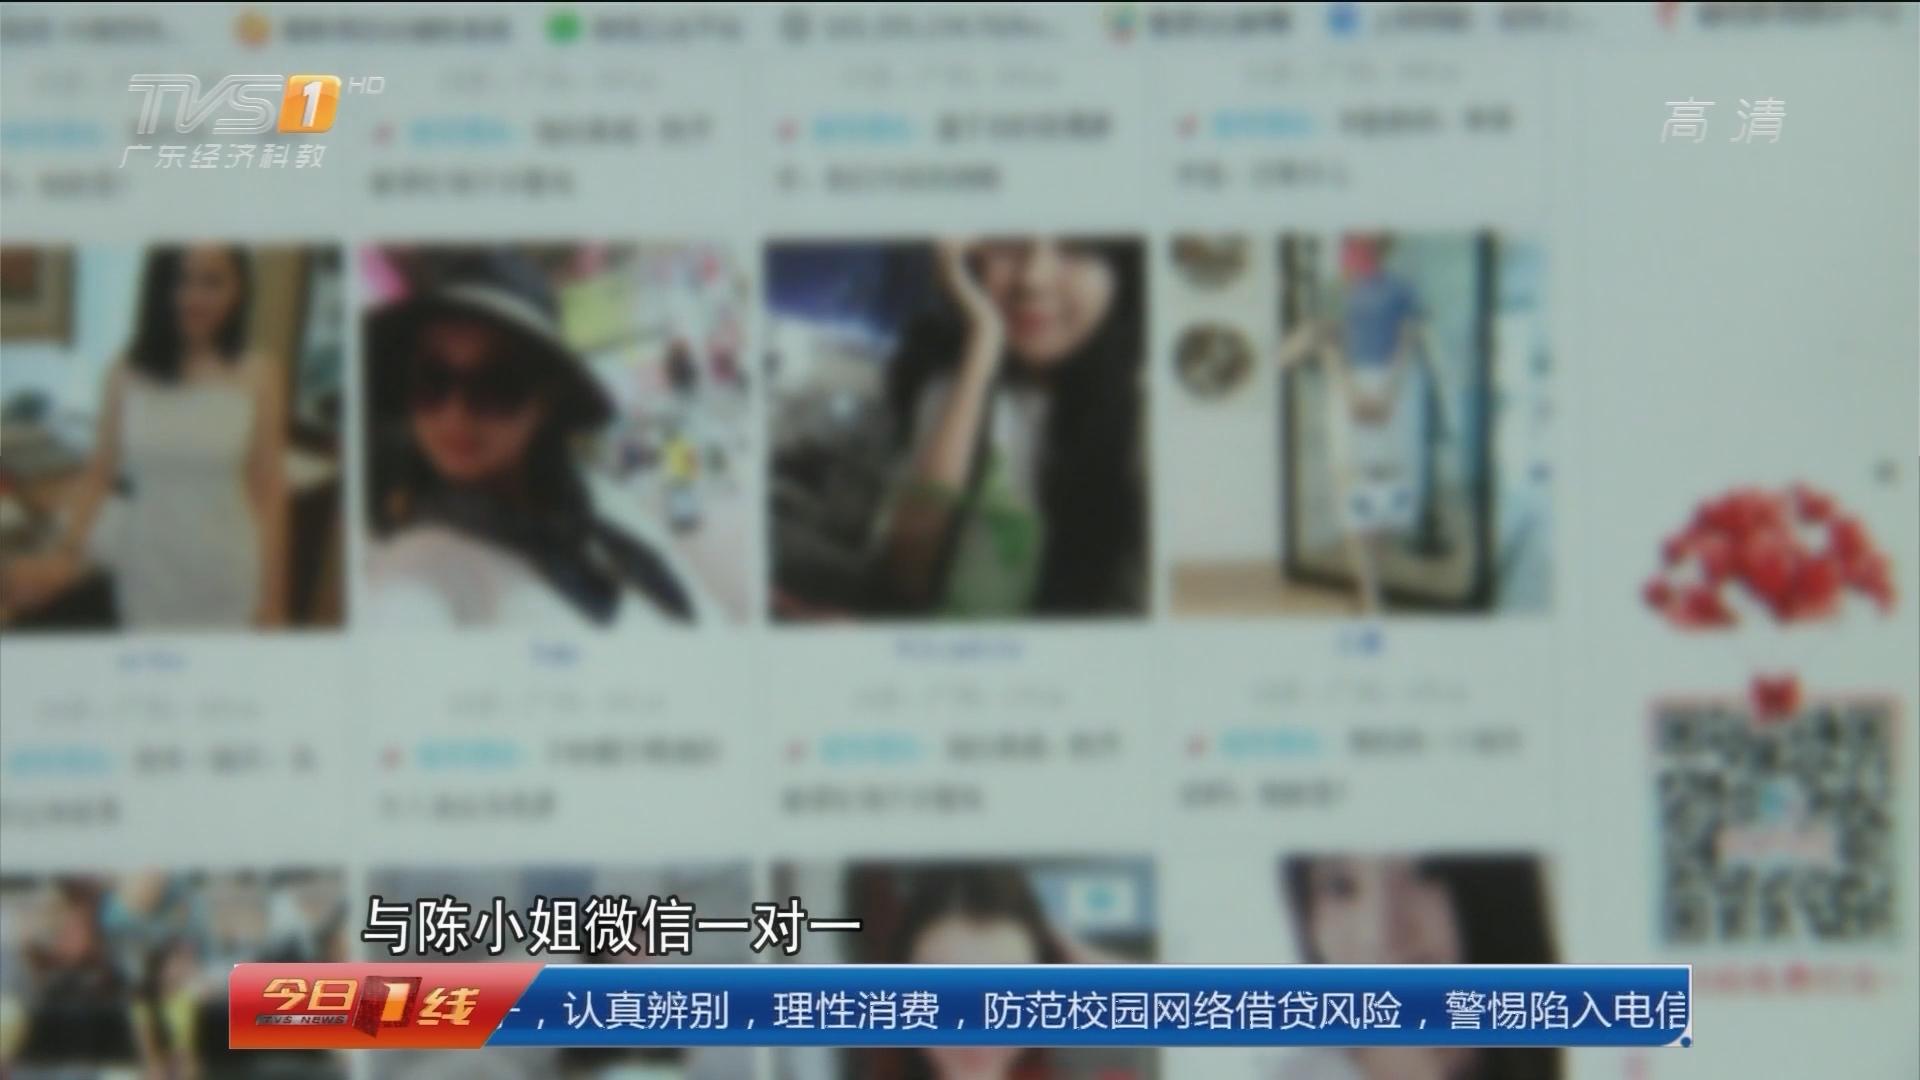 3.15十大发布:婚恋网站疑云 女子万元网络相亲遭遇货不对板